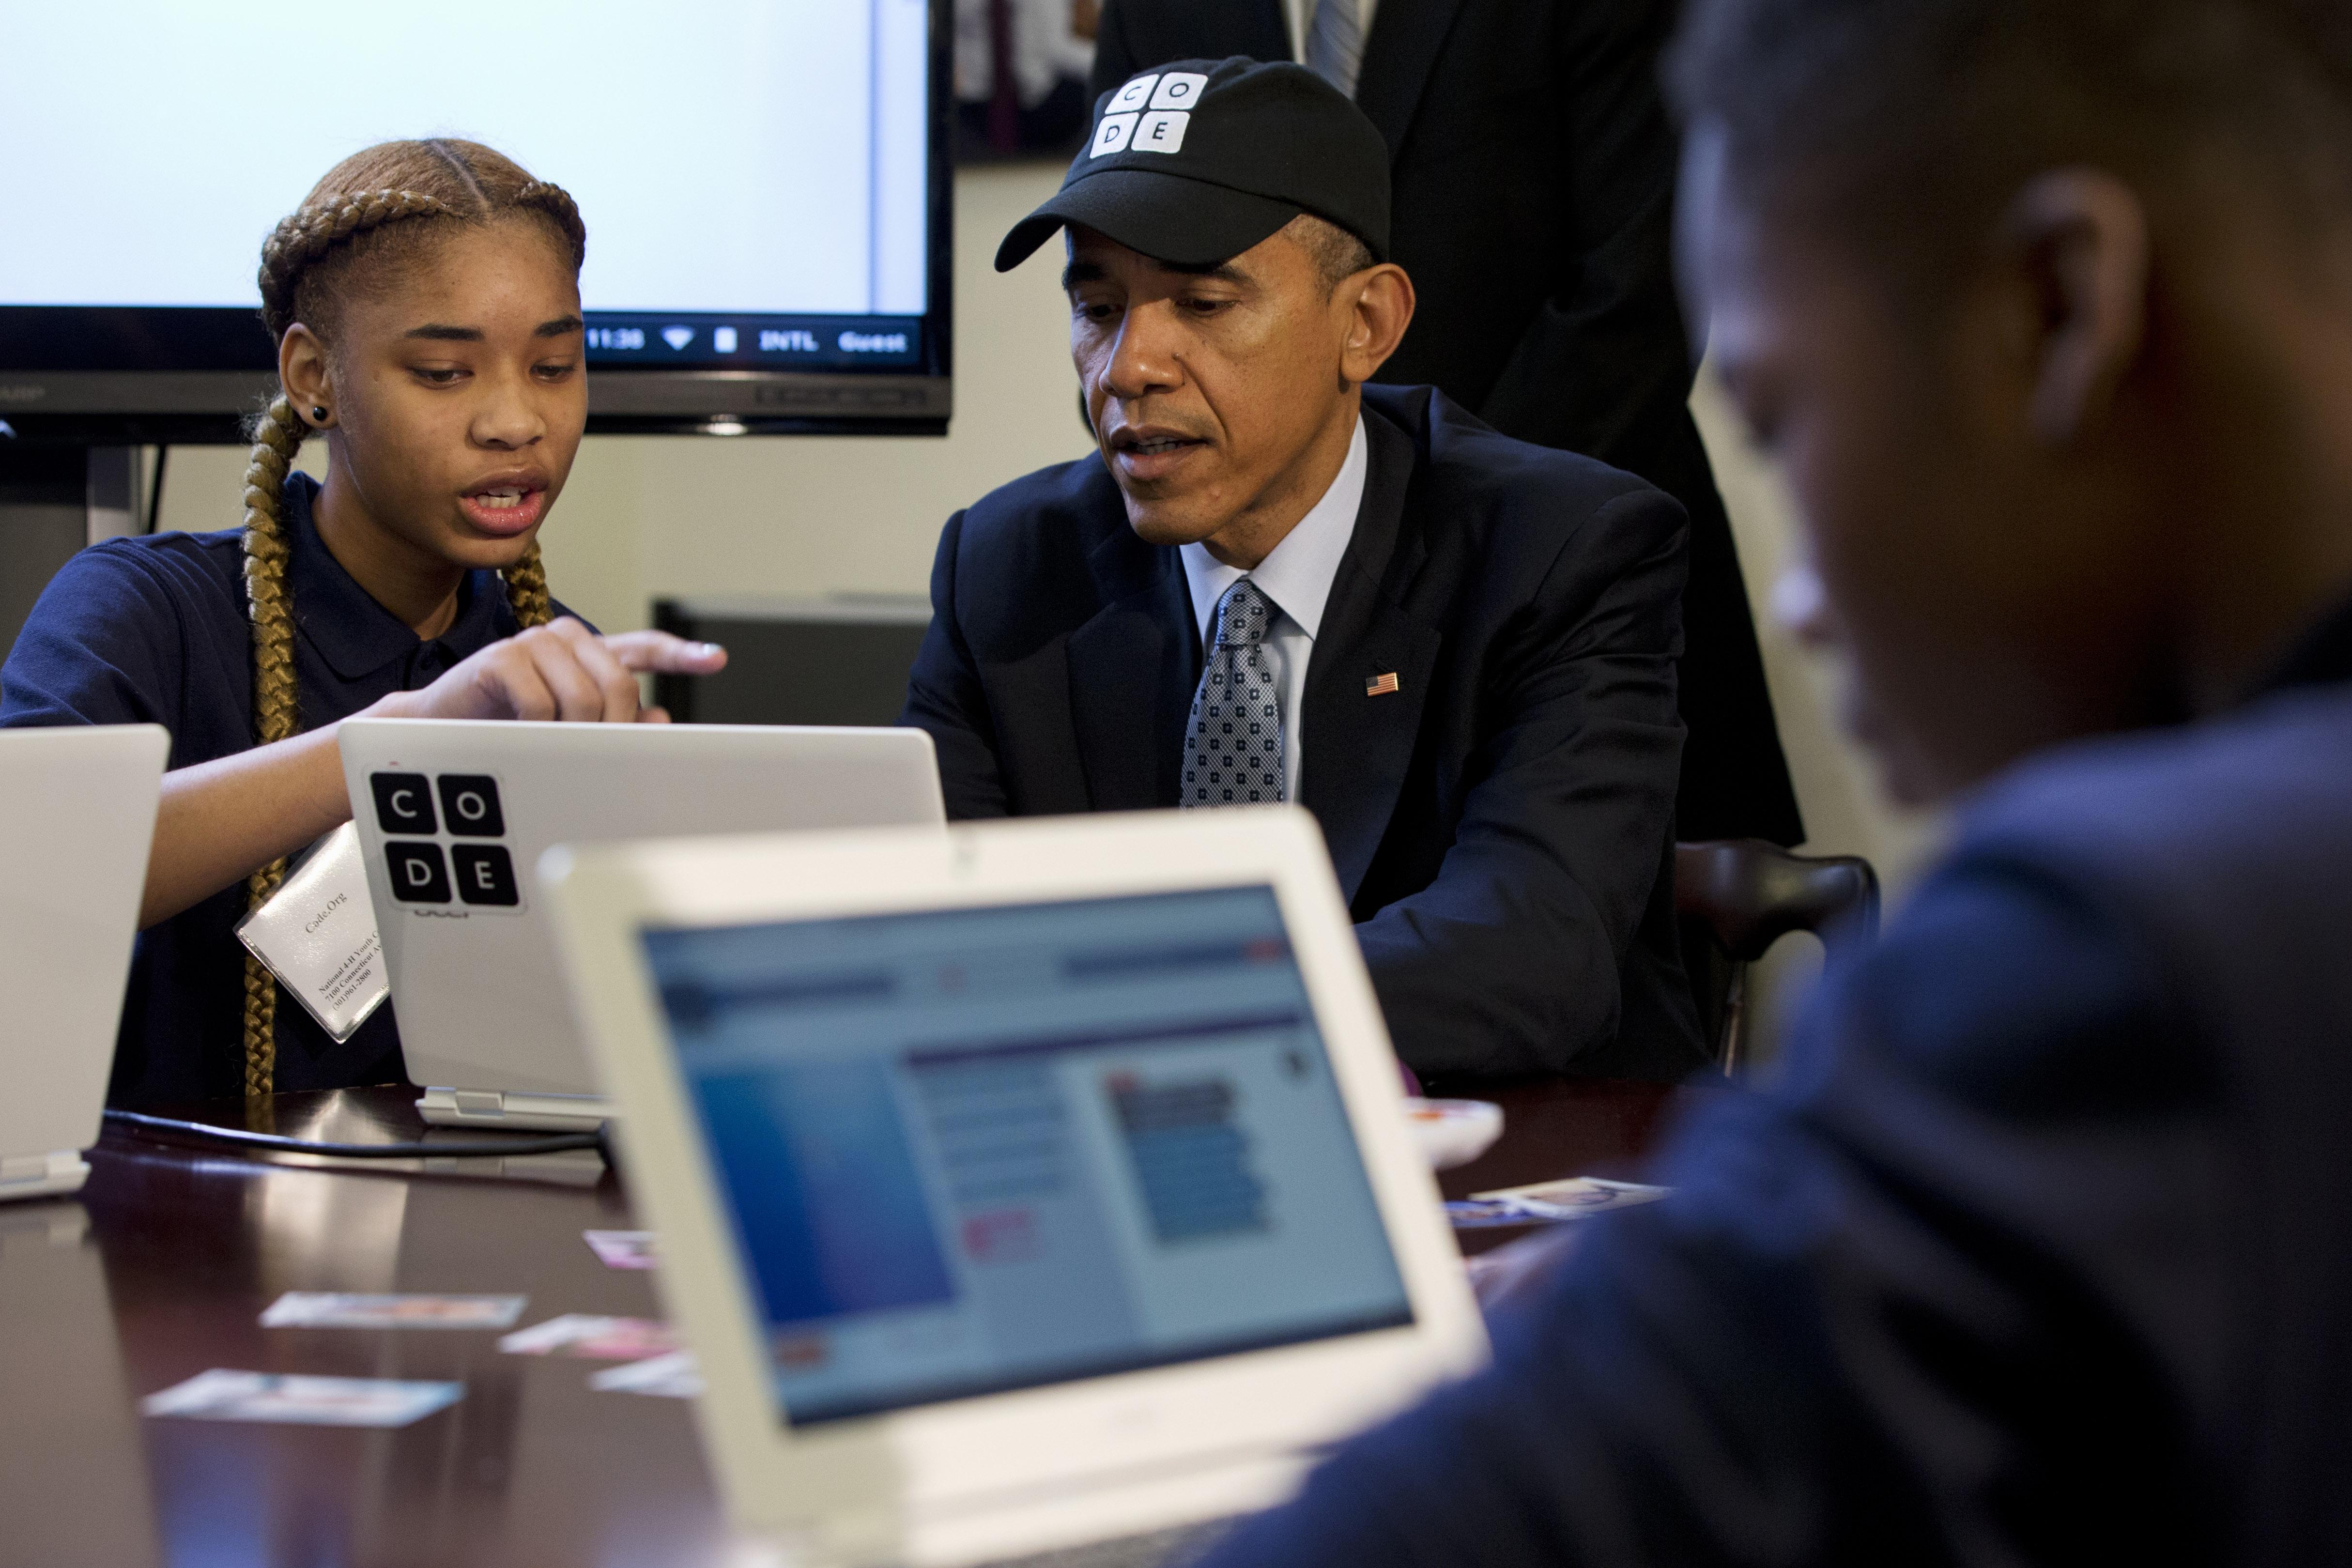 Teknoloji eğitimine büyük önem veren Başkan Obama, Beyaz Saray'da düzenlenen kodlama eğitimi seminerinde bir öğrenciden ders alırken